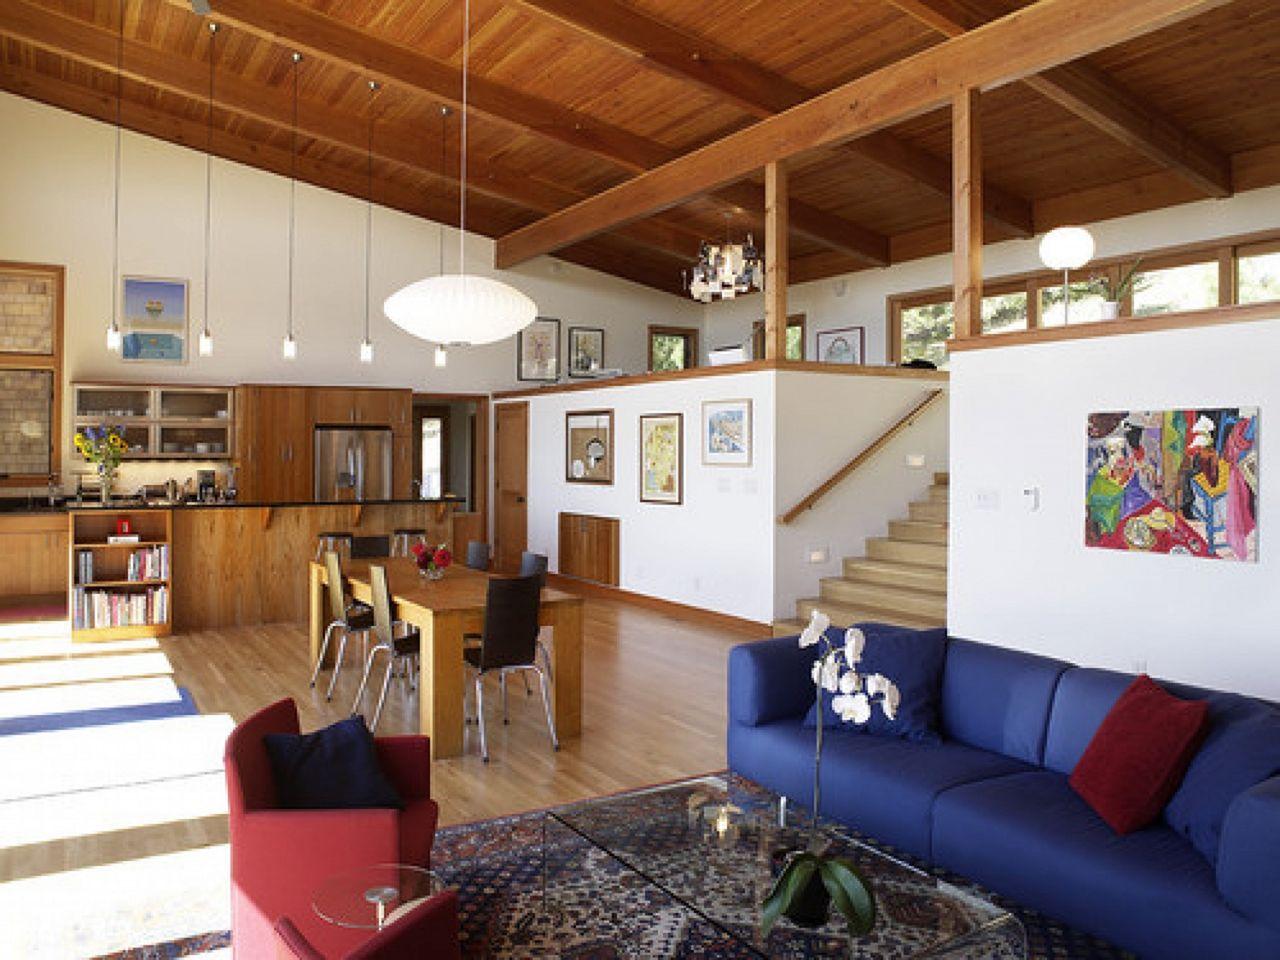 Design for split level open living room design for split for Split level living room ideas